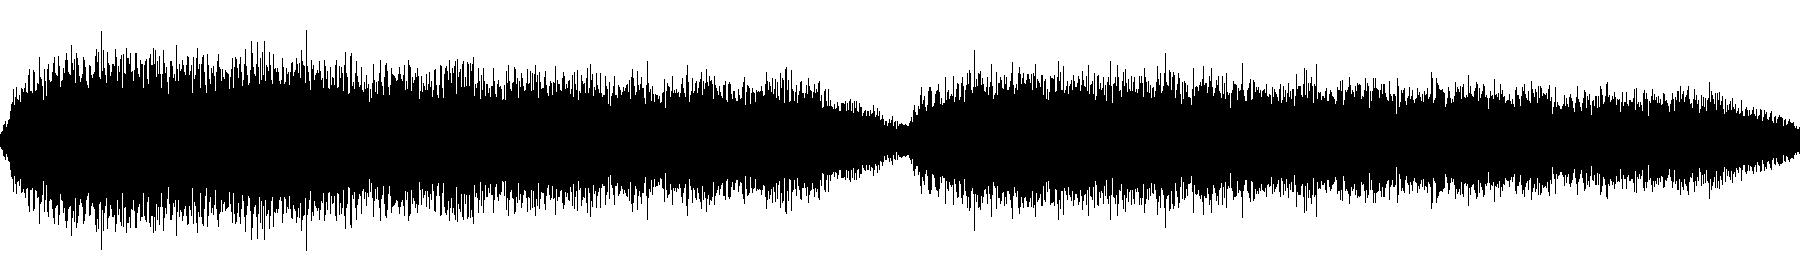 shs ch musicloop 125 strings1 cm